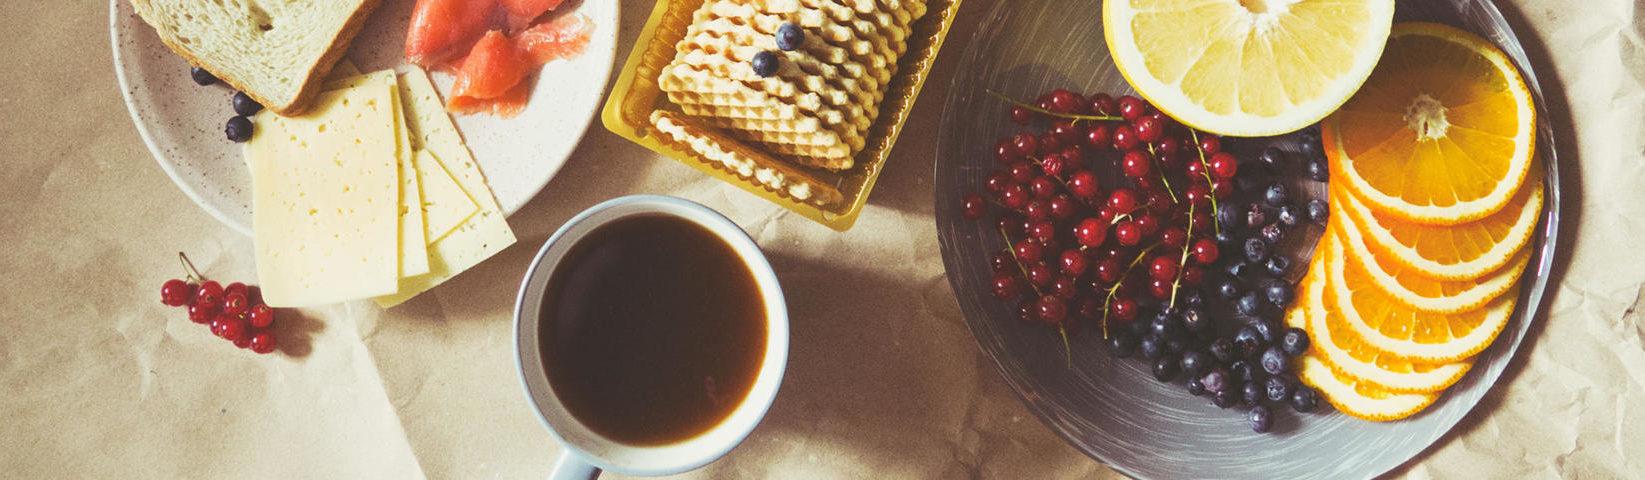 teák, édességek és kiegészítők széles választéka